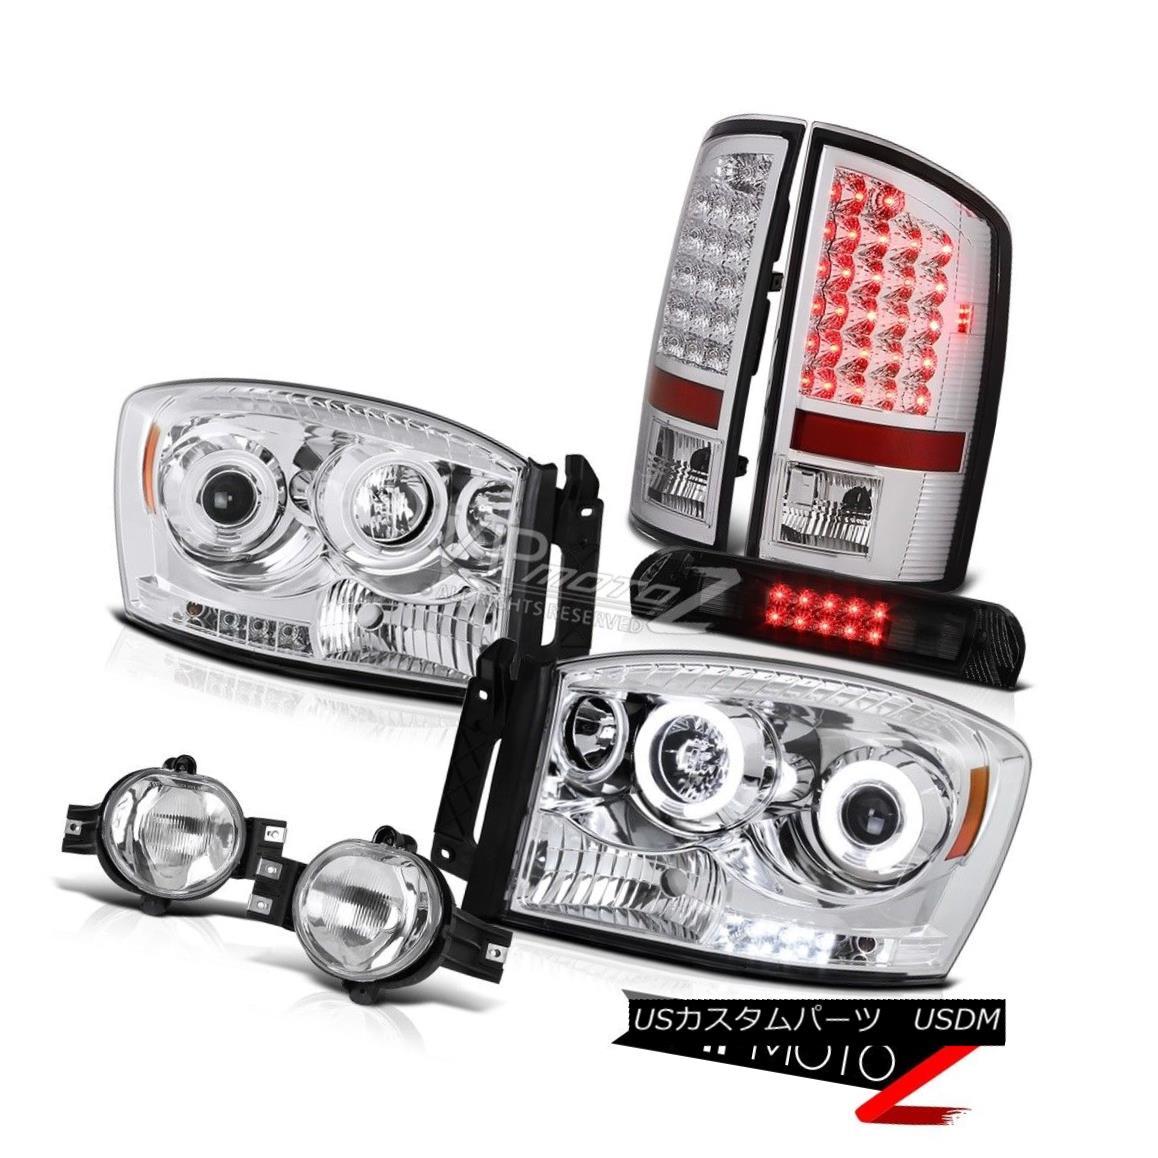 ヘッドライト Devil's CCFL Rim Headlights LED Tail Lamps Euro Fog 3RD 2007-2008 Ram Magnum V8 悪魔のCCFLリムヘッドライトLEDテールランプユーロフォグ3RD 2007-2008ラムマグナムV8